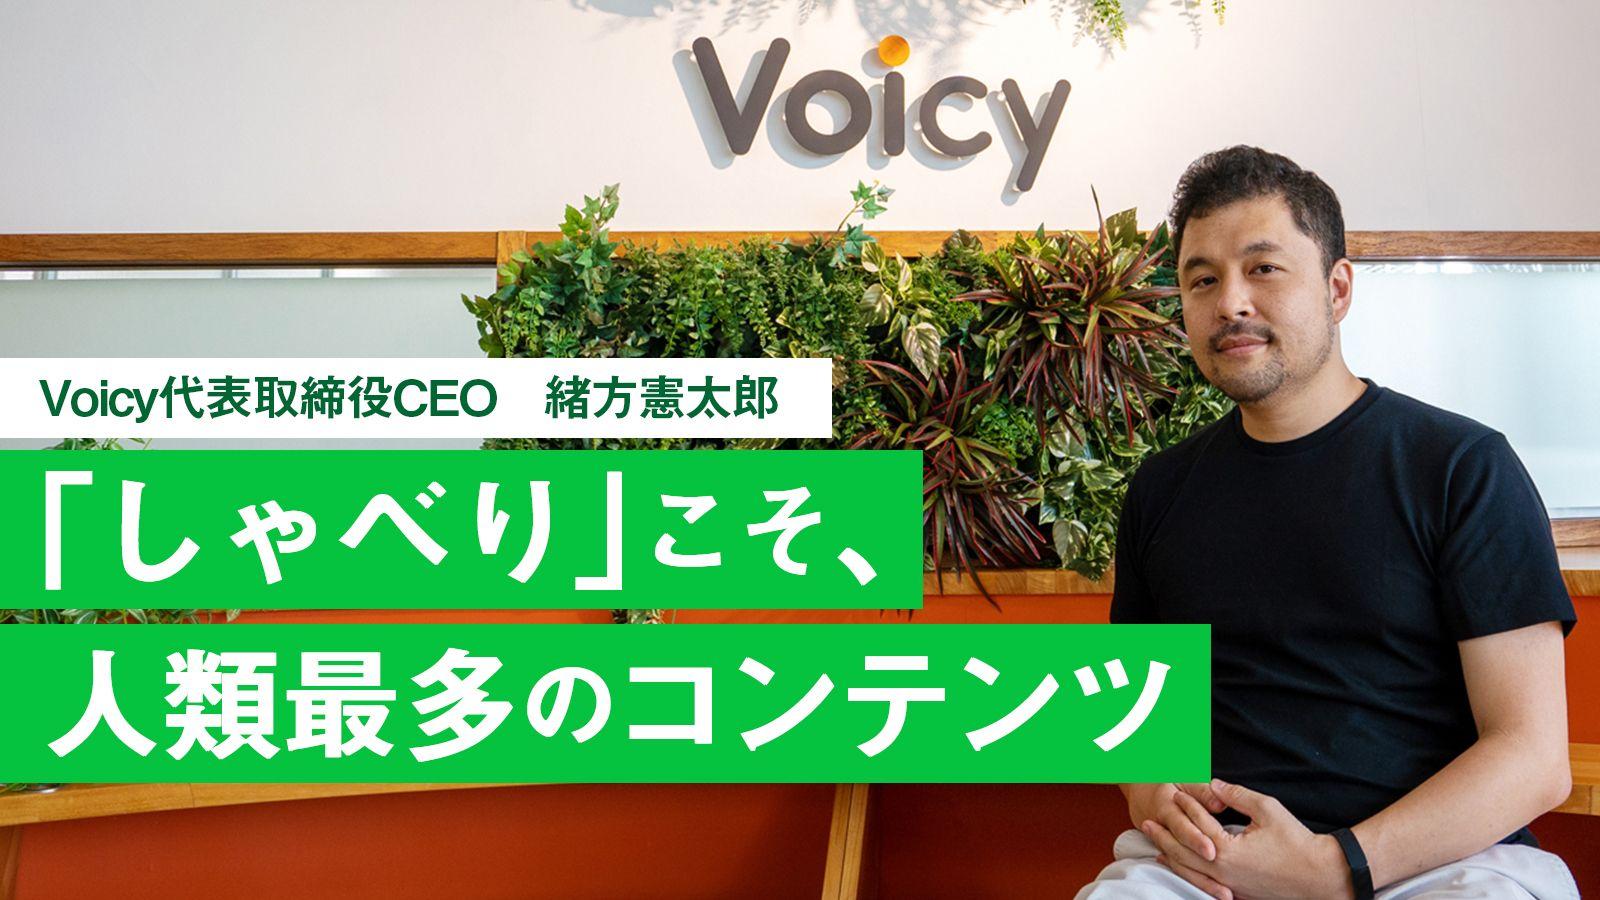 「声の社内報」としての活用も! Voicy緒方憲太郎と考える音声コンテンツの可能性